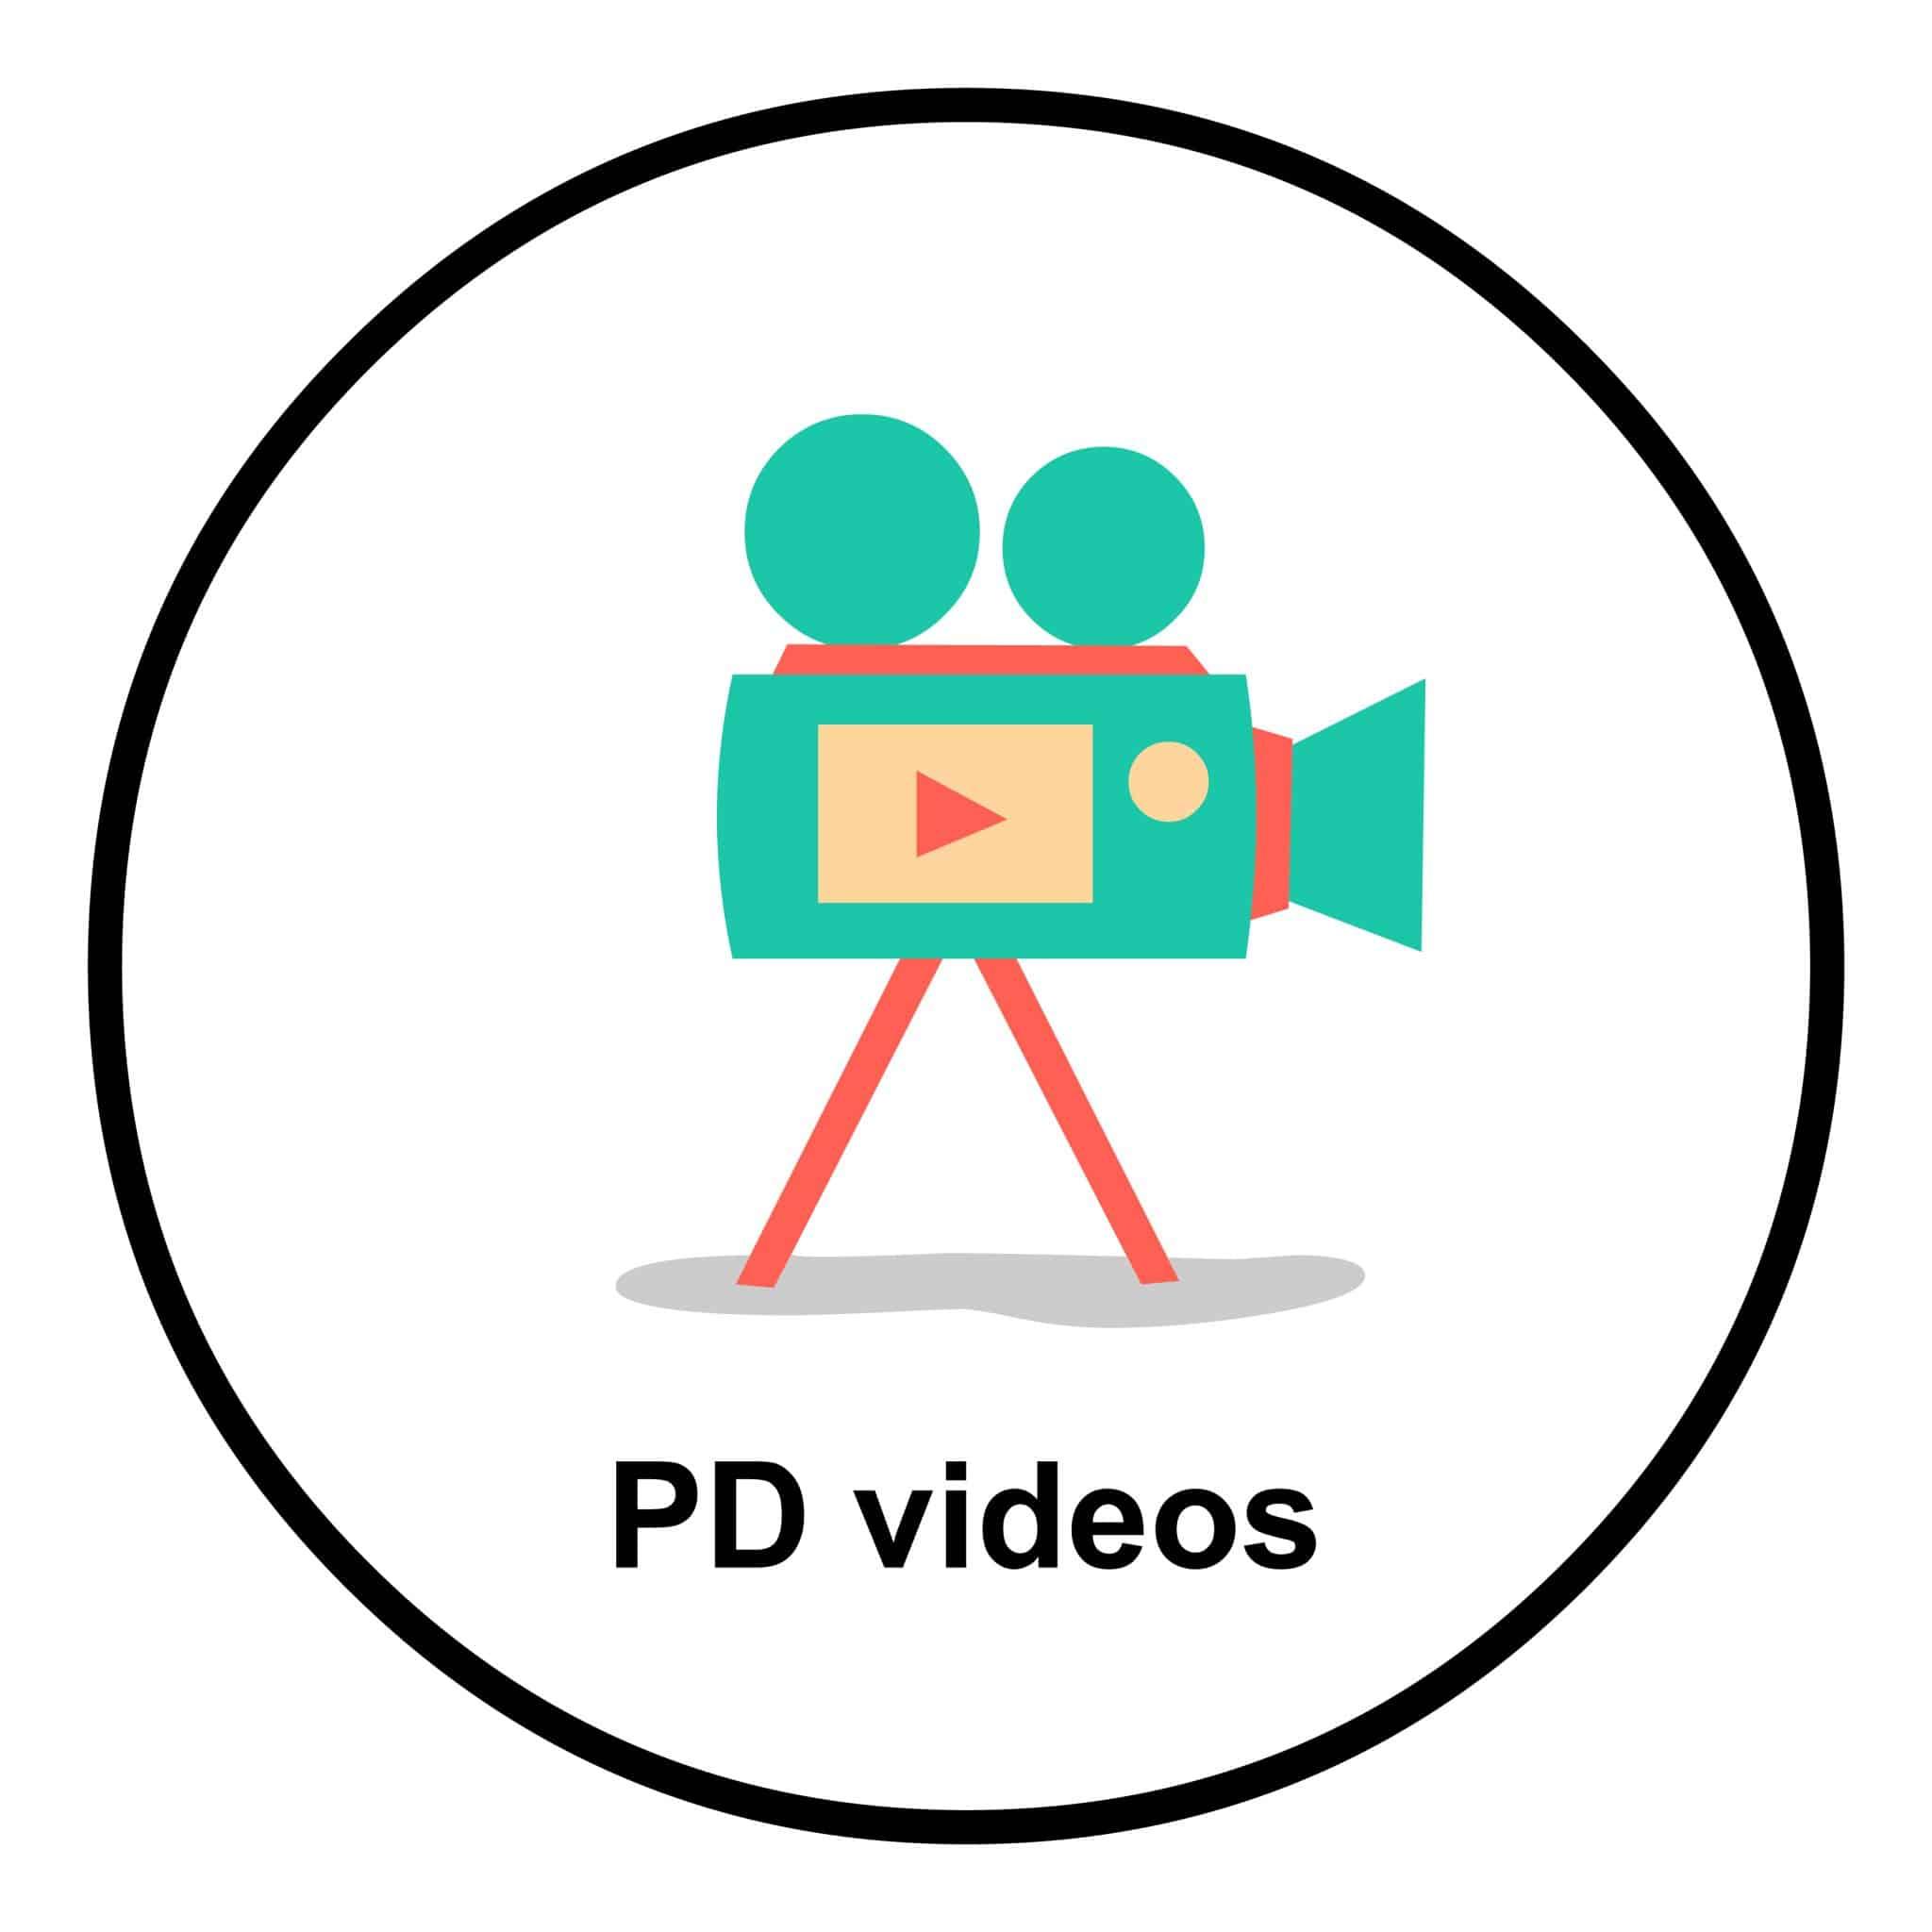 pd-videos